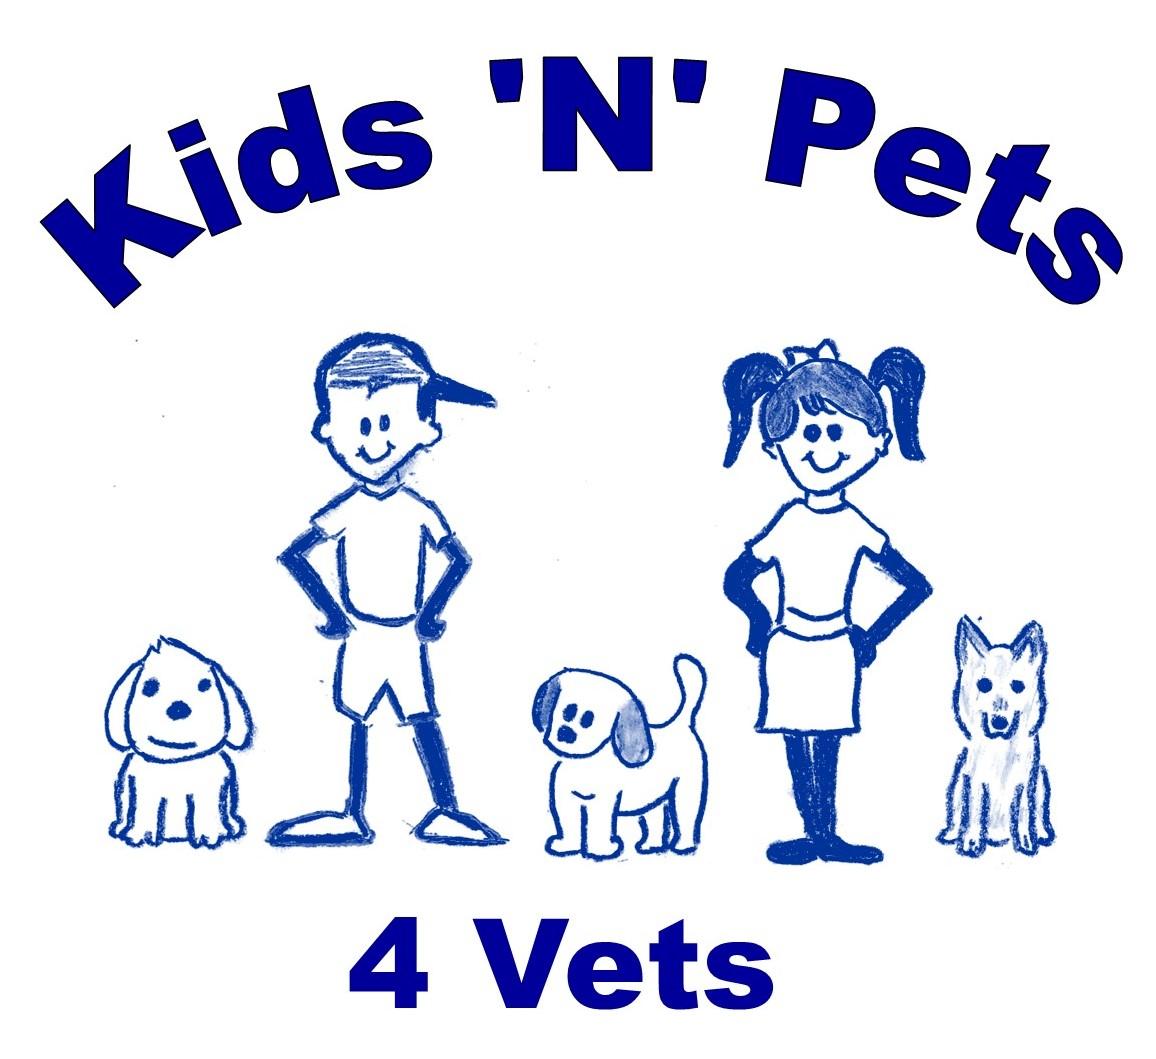 Kids N Pets 4 Vets image